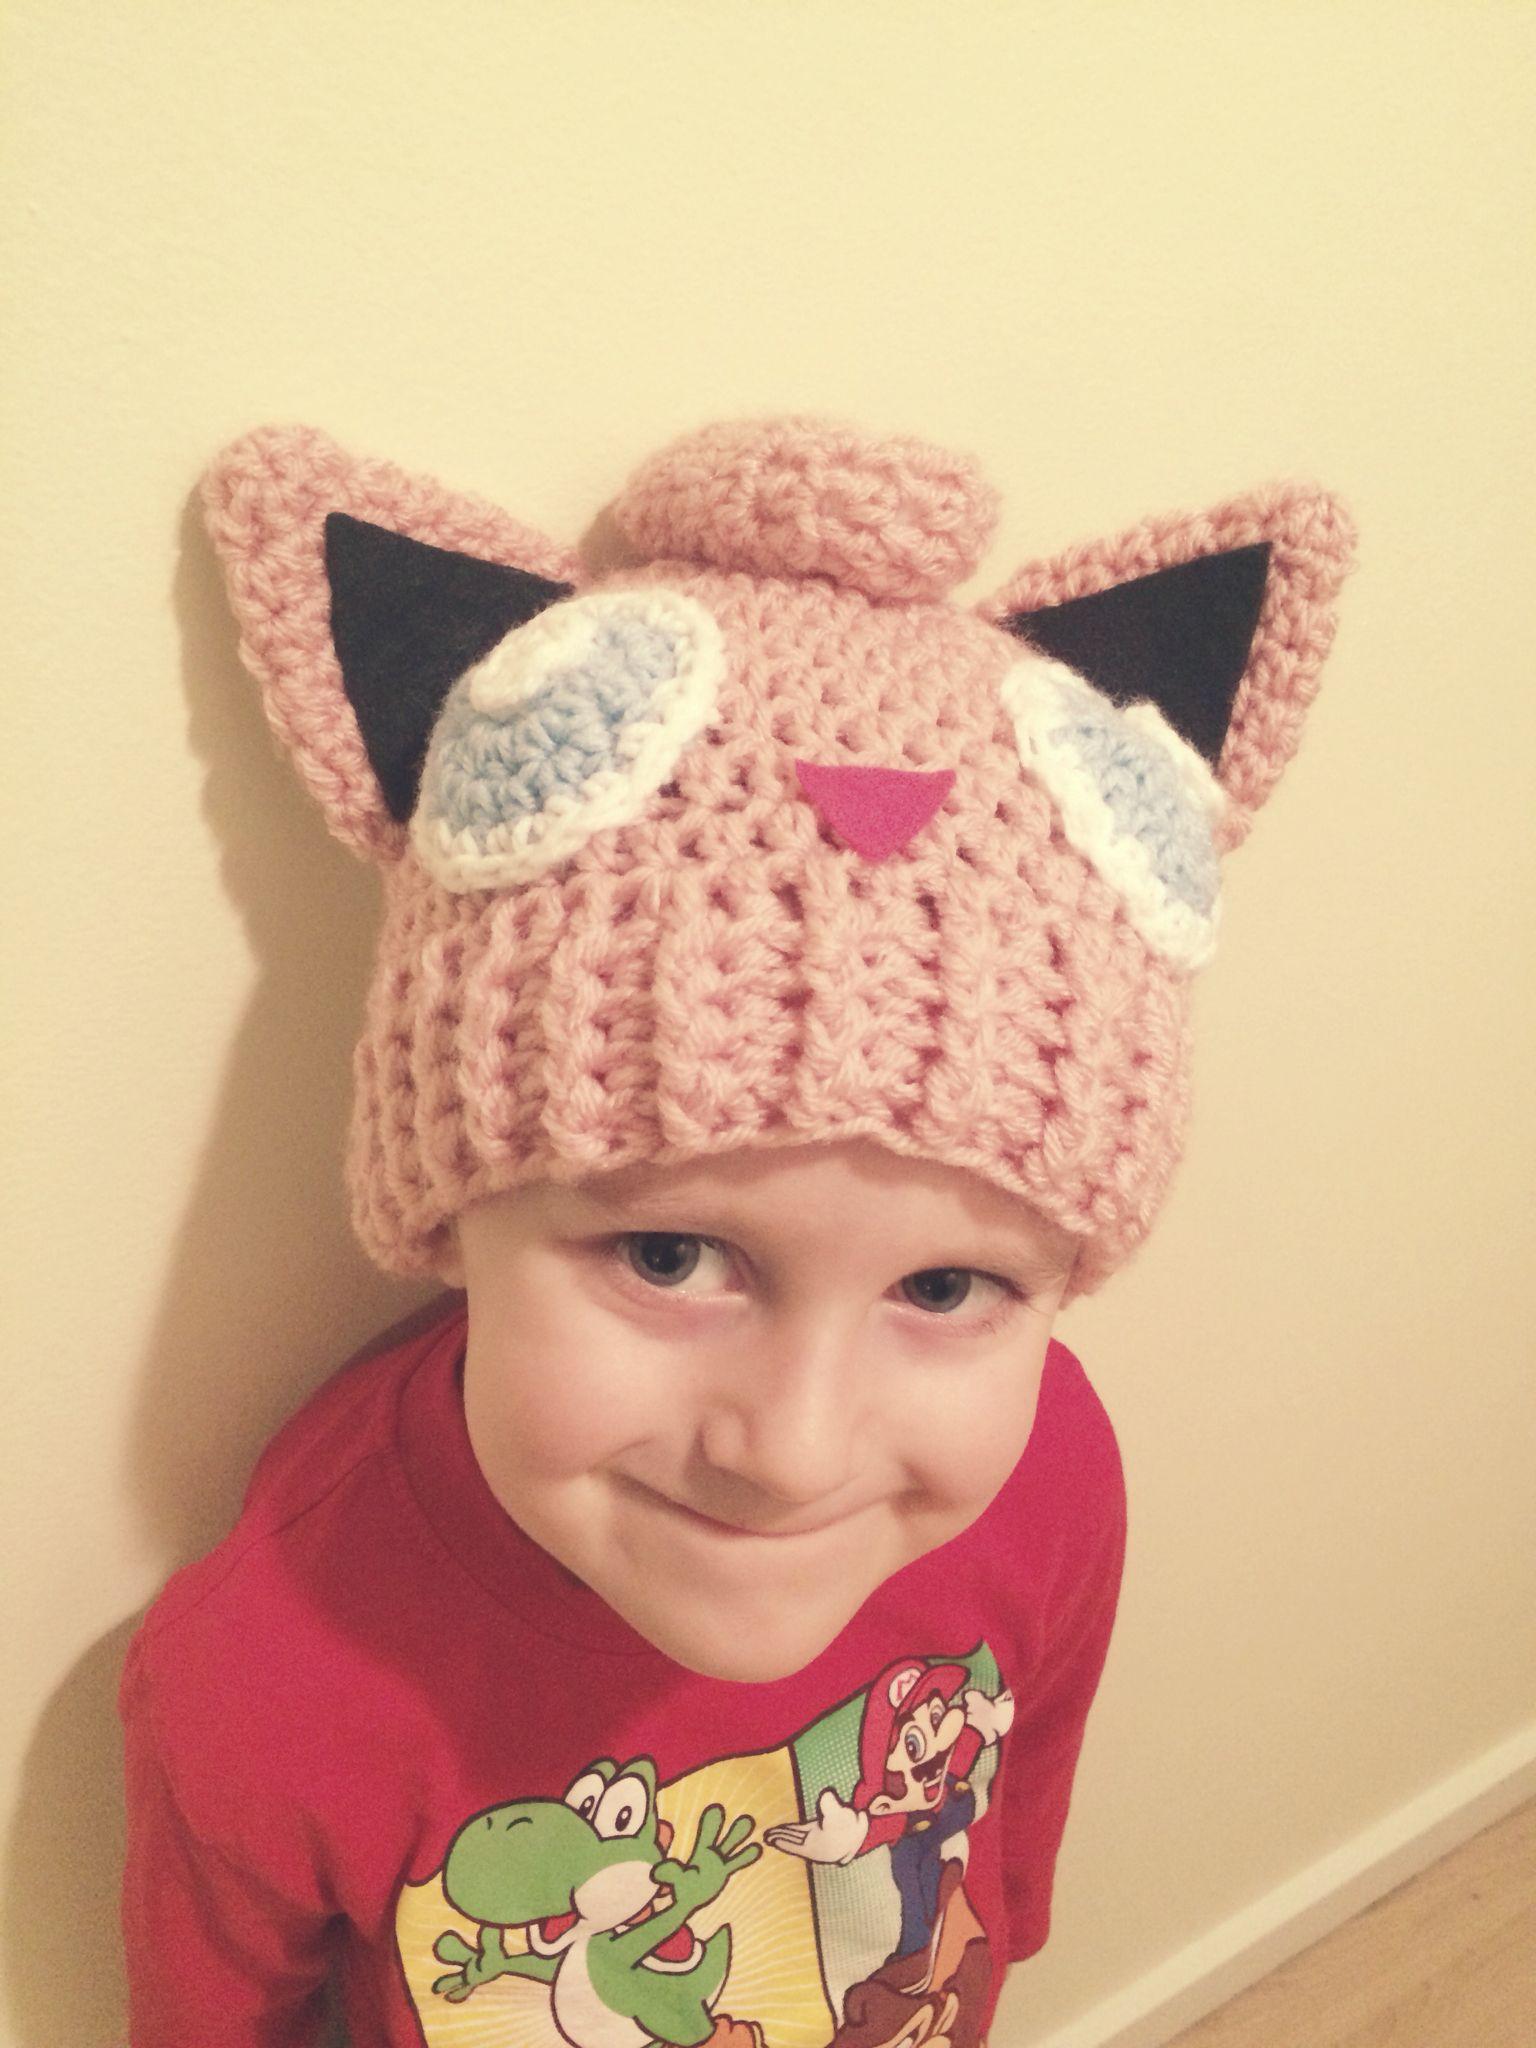 Crochet Pokemon Jigglypuff hat for my son | crochet | Pinterest ...